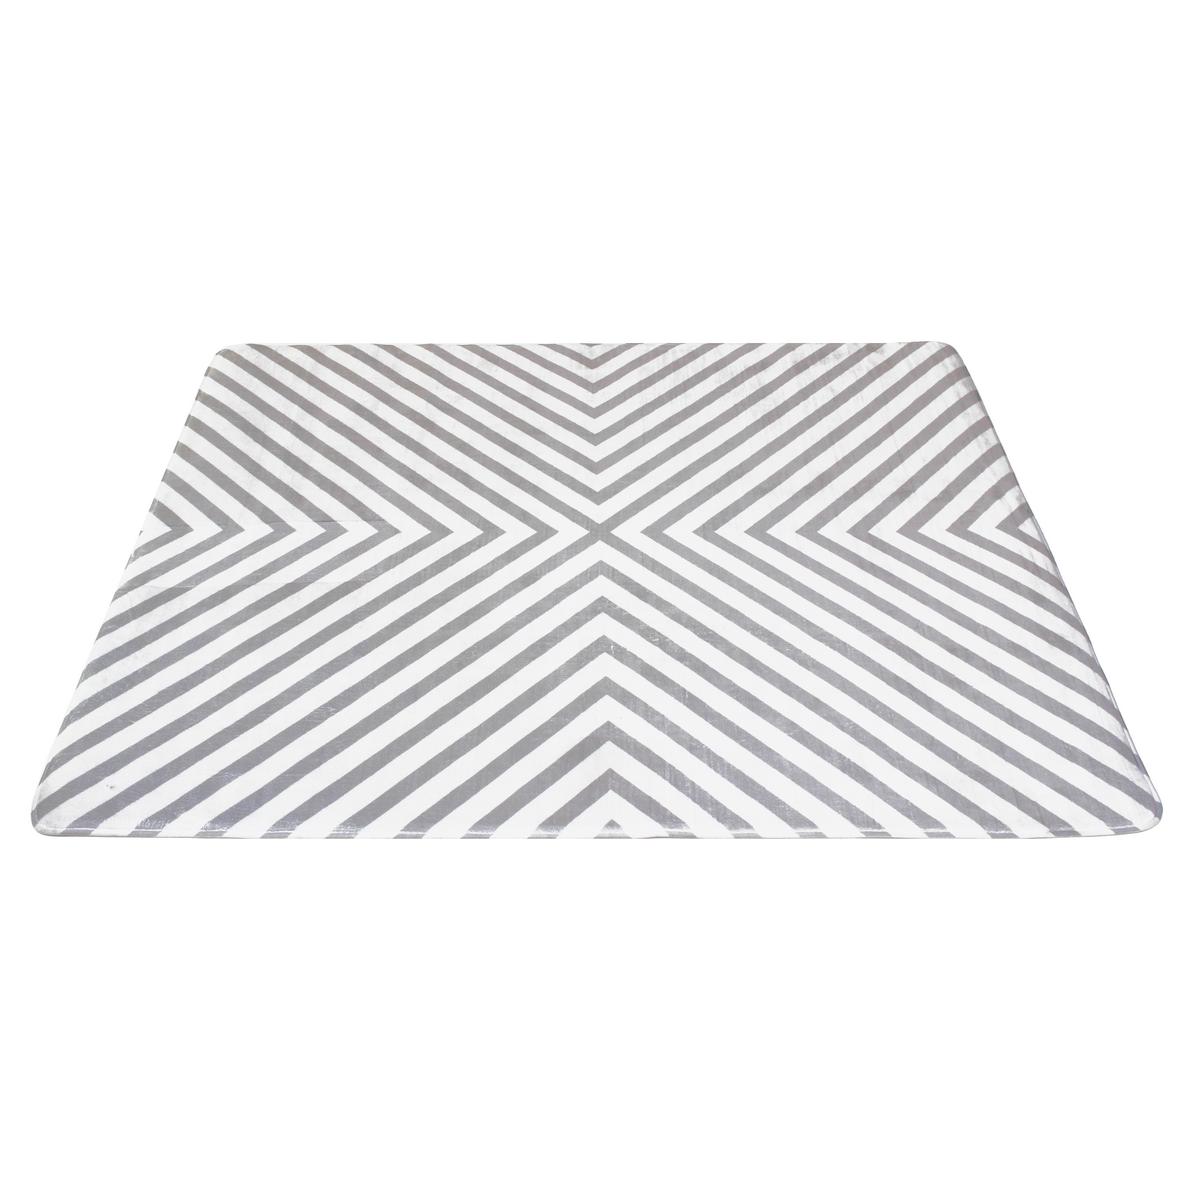 Domarex Fusion memóriahabos szőnyeg,fehér-szürke, 120 x 160 cm